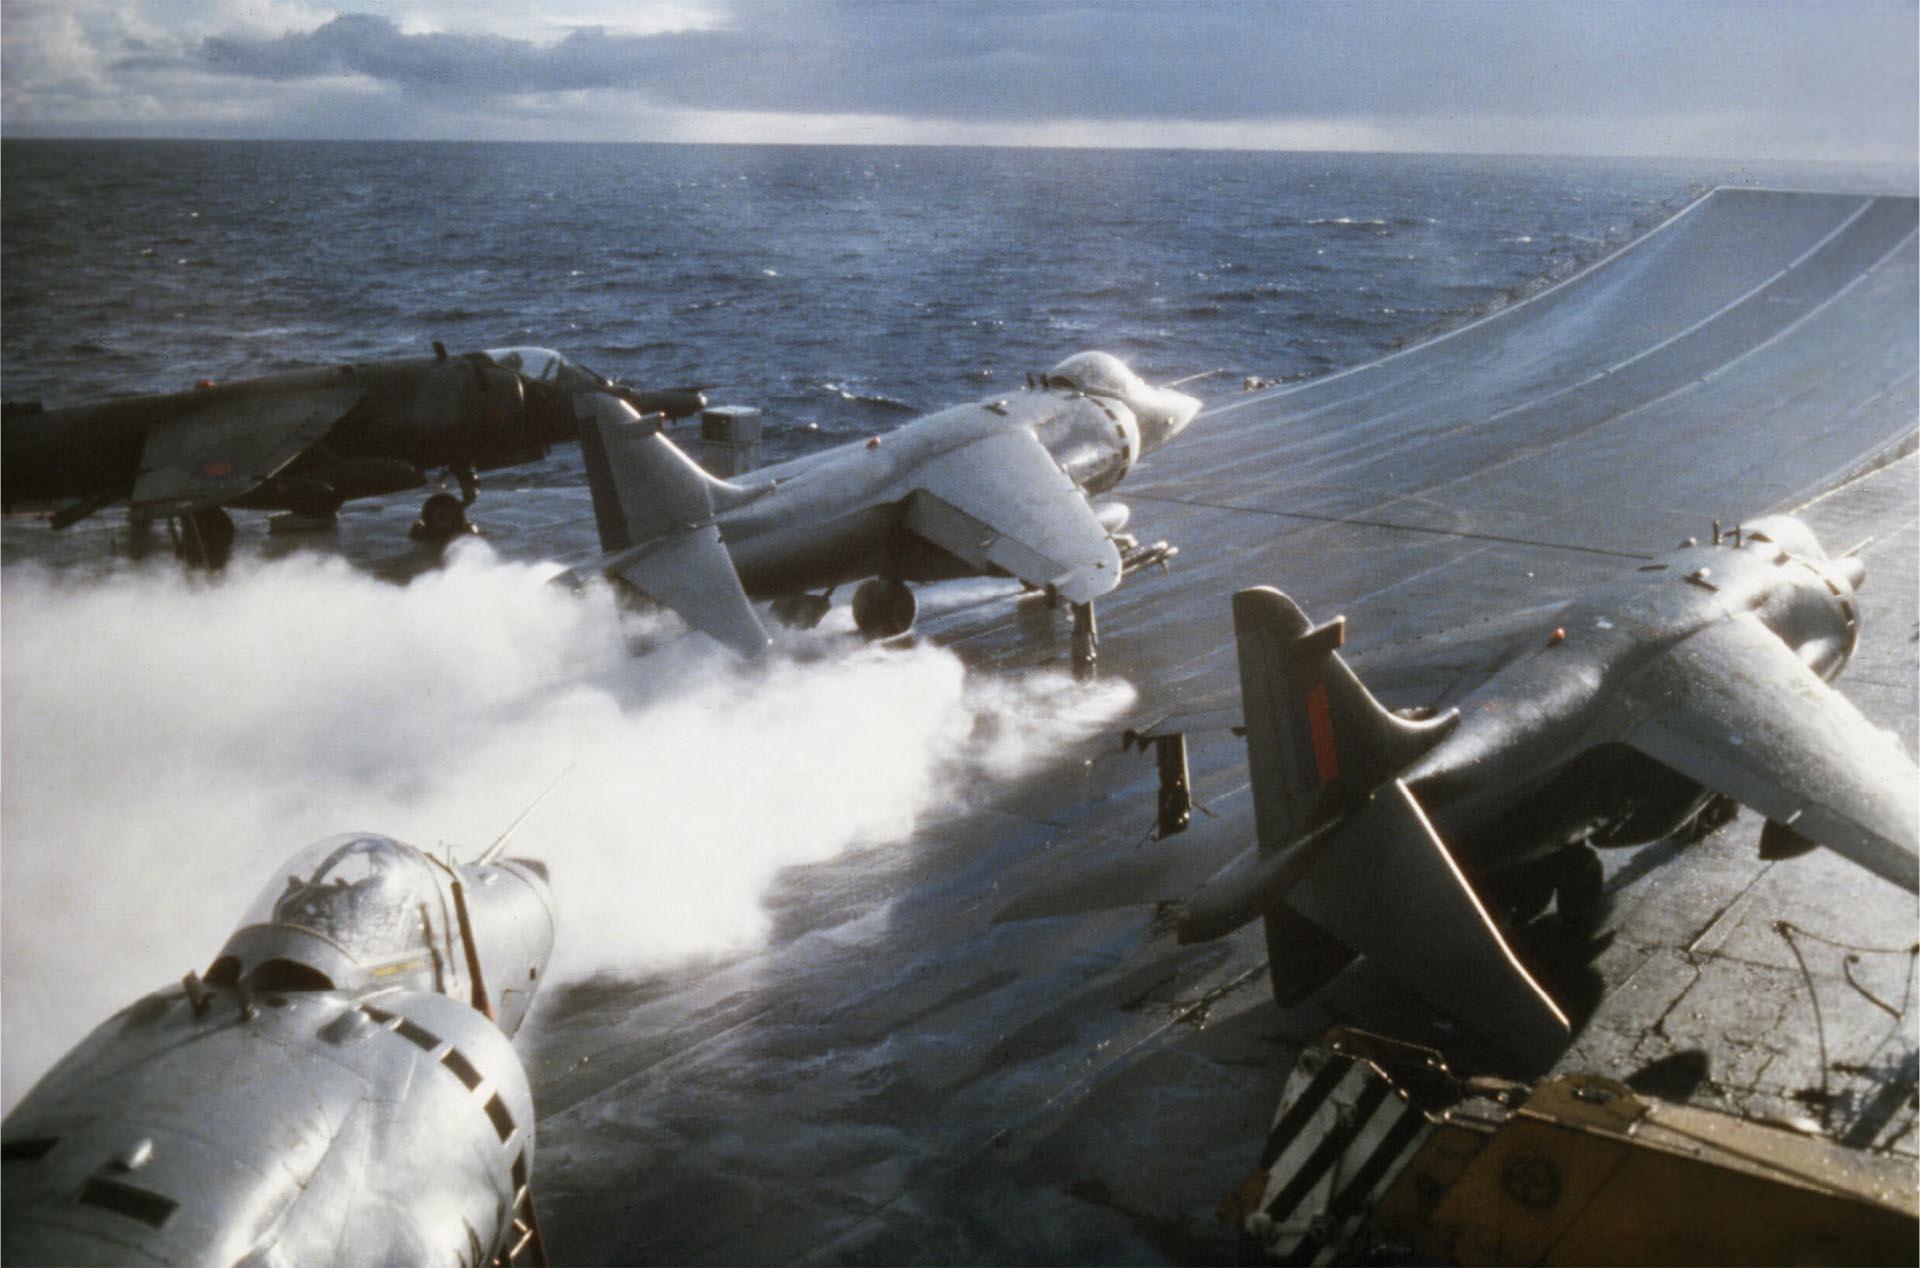 Un Harrier XZ 499 despegan de la cubierta del HMS Hermes. Los 28 Sea Harrier que operaban desde el Invencible y desde el Hermes efectuaron un total de 2.376 salidas, comprendidas las misiones para la defensa de la flota durante las 24 horas, así como misiones de ataque (Imperial War Museums)